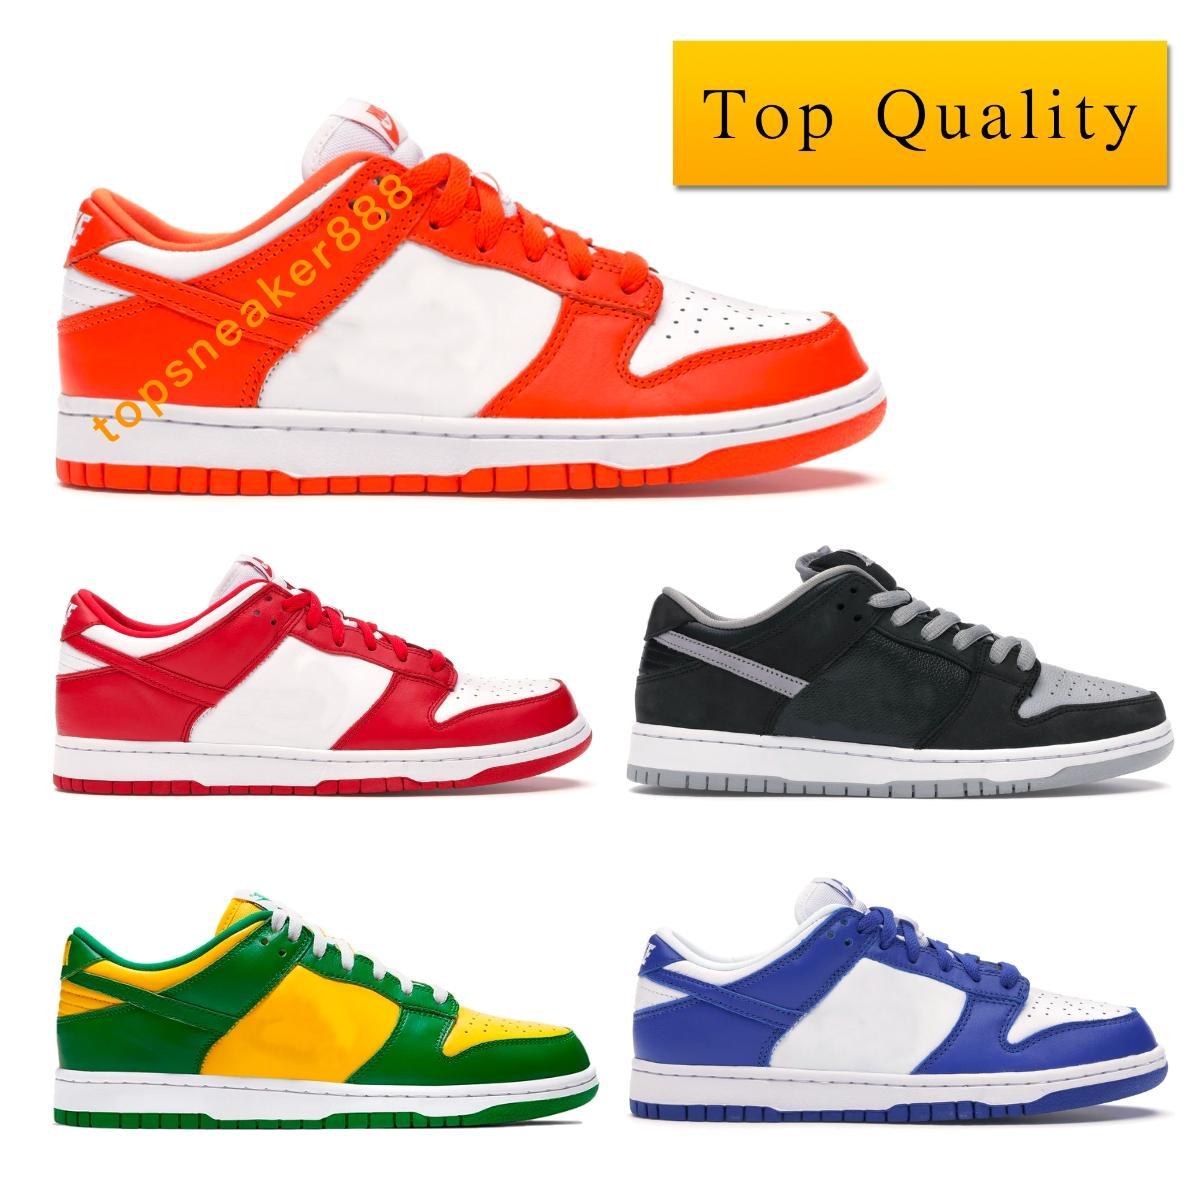 أدنى رجل أحذية الظل كنتاكي الأحمر سيراكيوز أزرق أبيض رمادي أخضر أصفر مع صندوق يورو 36-45 الولايات المتحدة 5،5 ح Dunk Low SP Syracuse Kentucky Sneakers Shoes